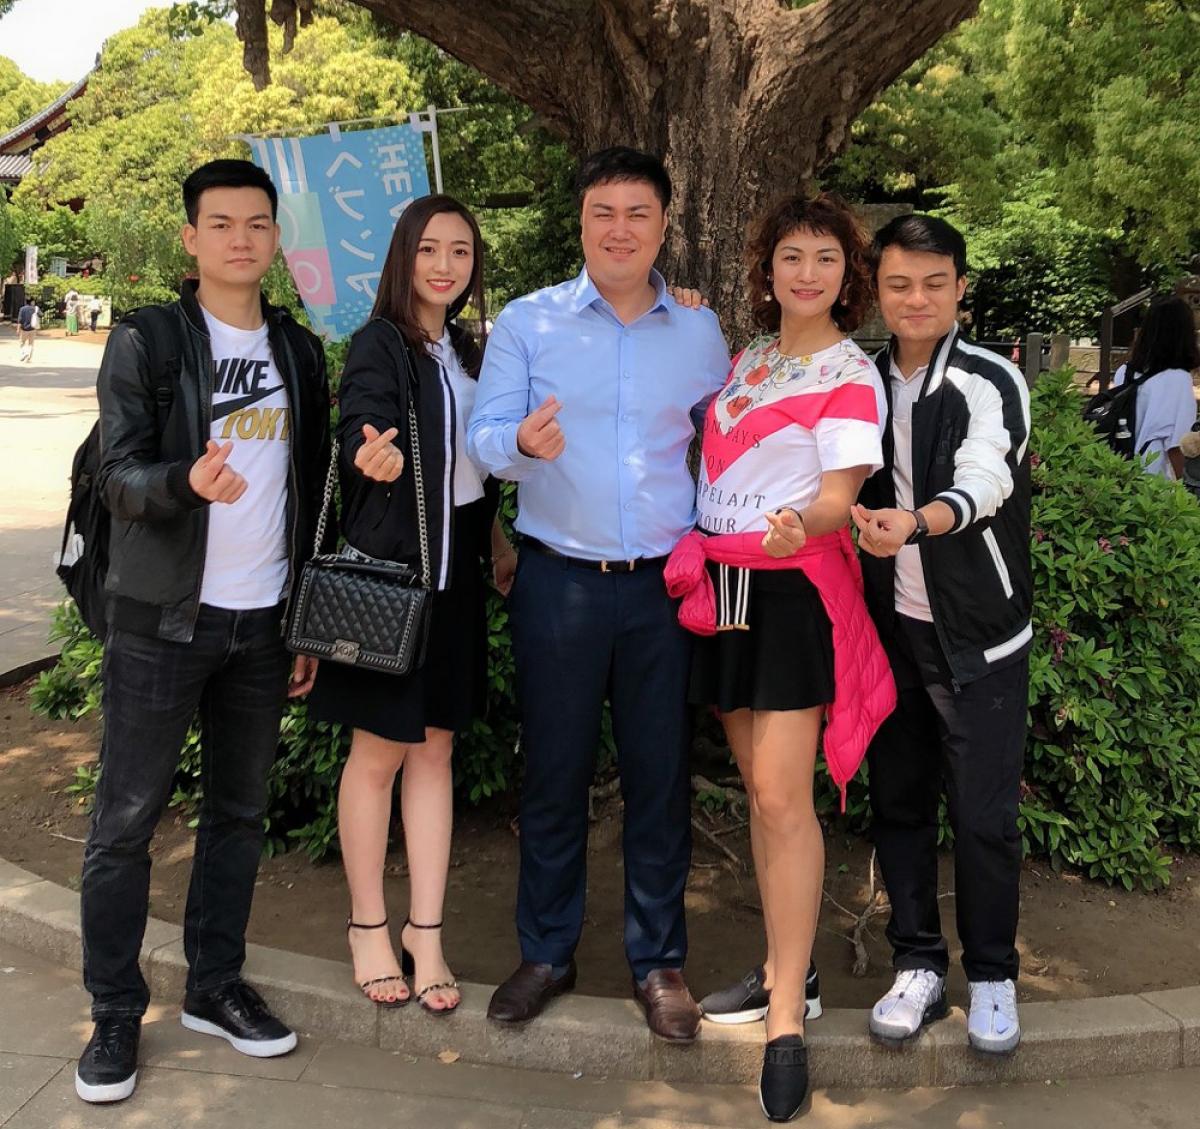 Du học Nhật Bản là lựa chọn đúng đắn của chàng trai đất cảng Vũ Khắc Sơn (người ngoài cùng bên trái).